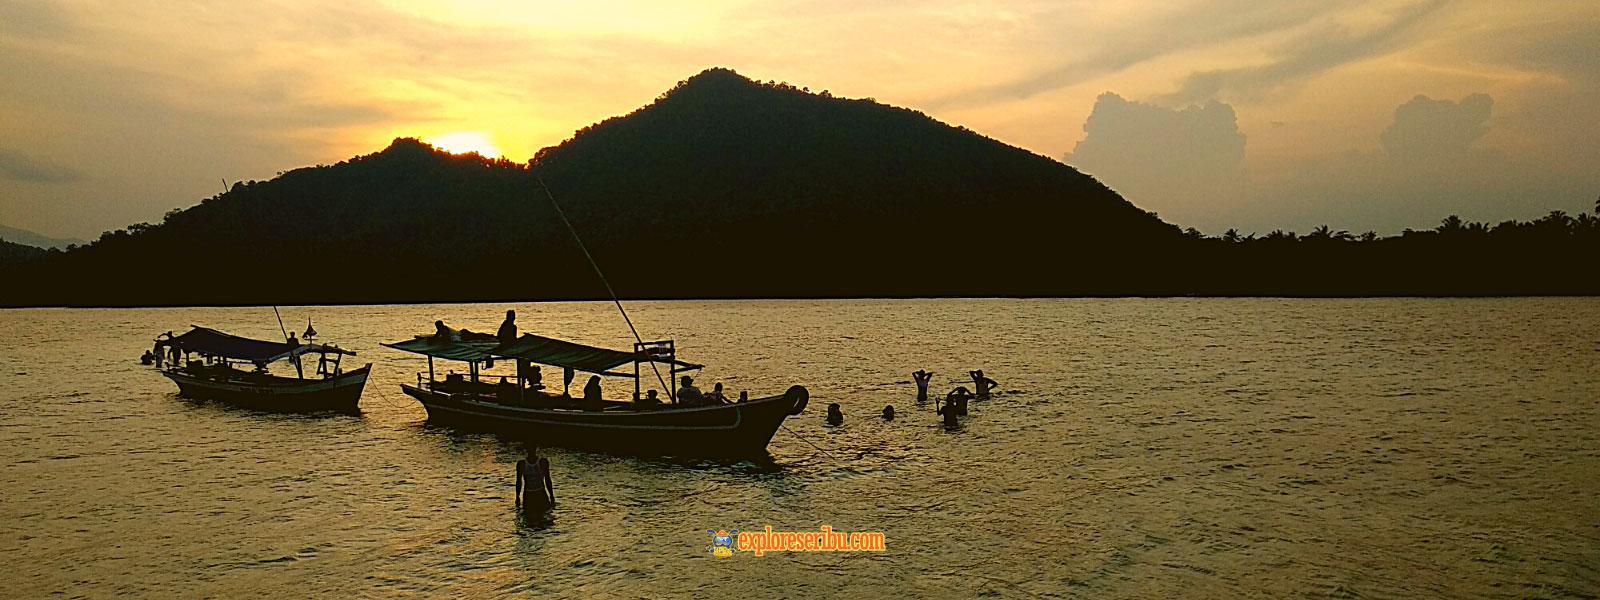 wisata dan open trip pulau pahawang